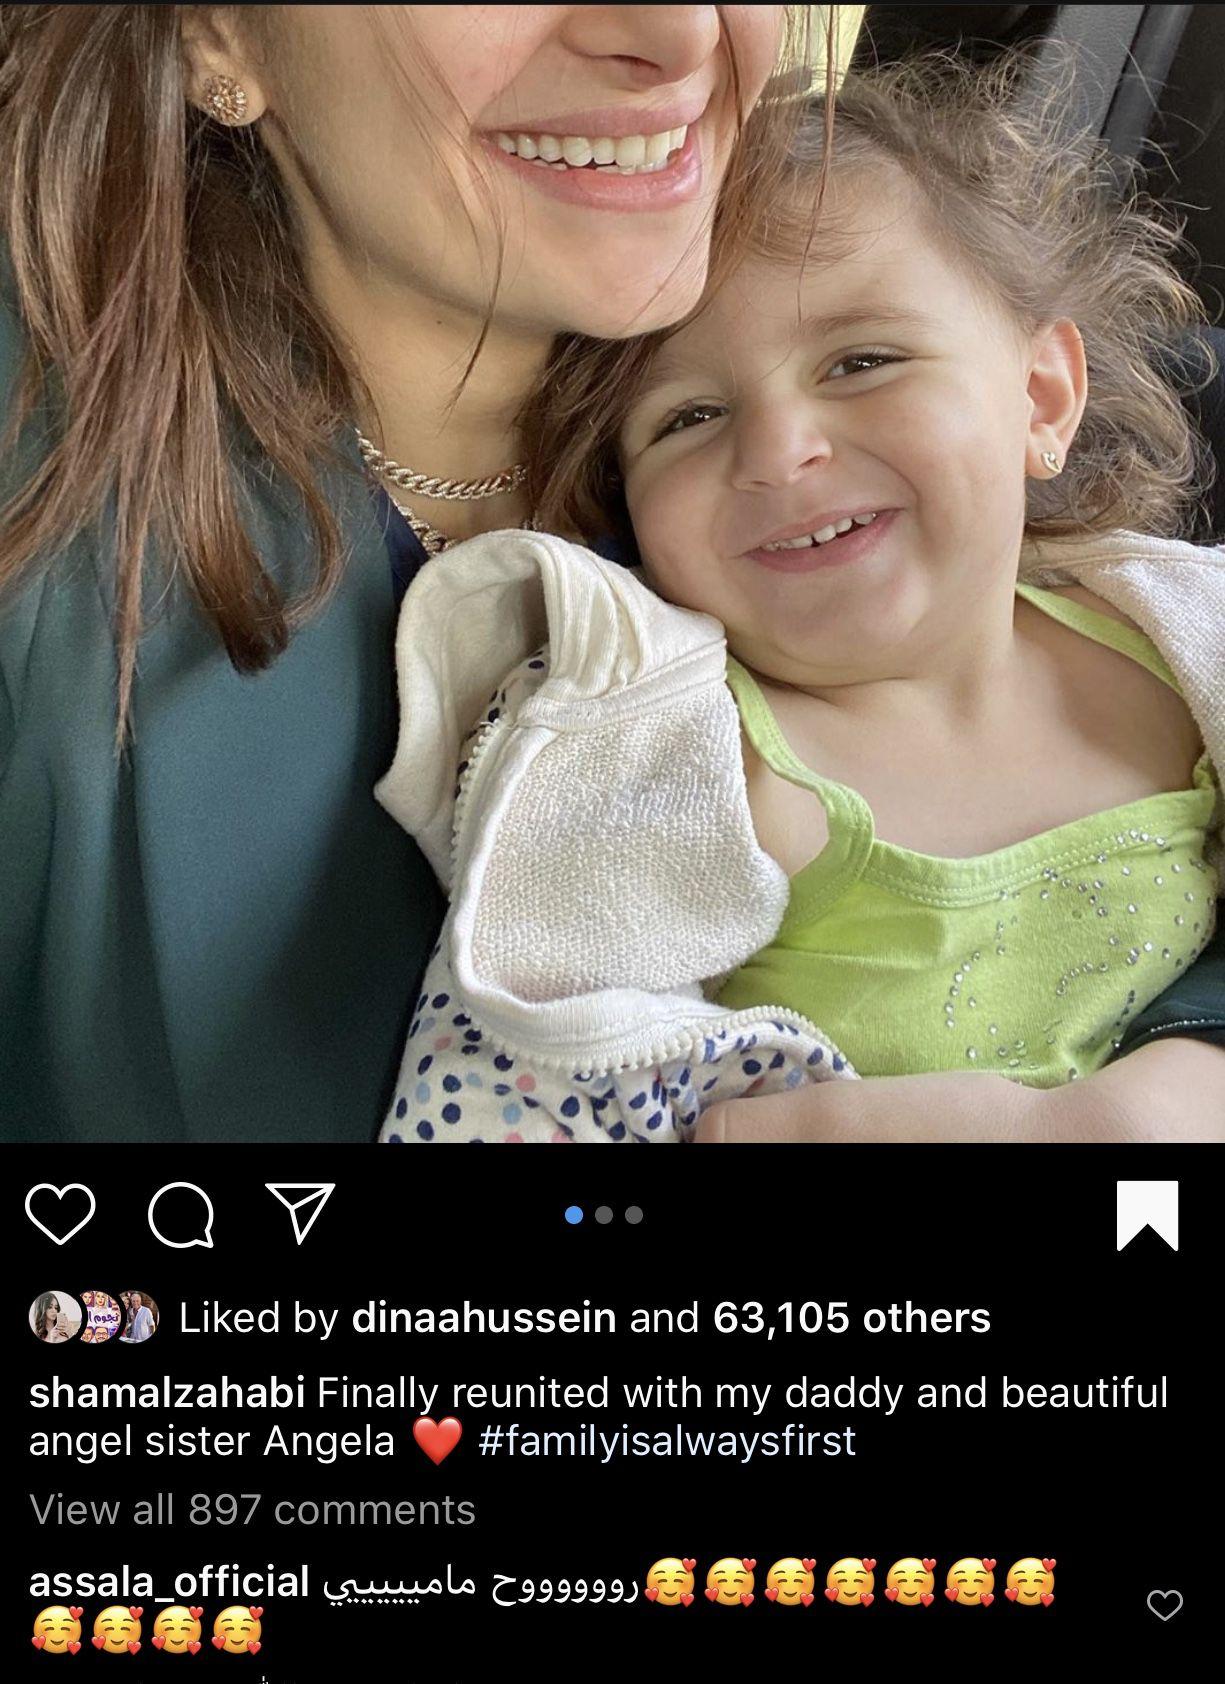 تعليق أصالة نصري على صورة ابنتها